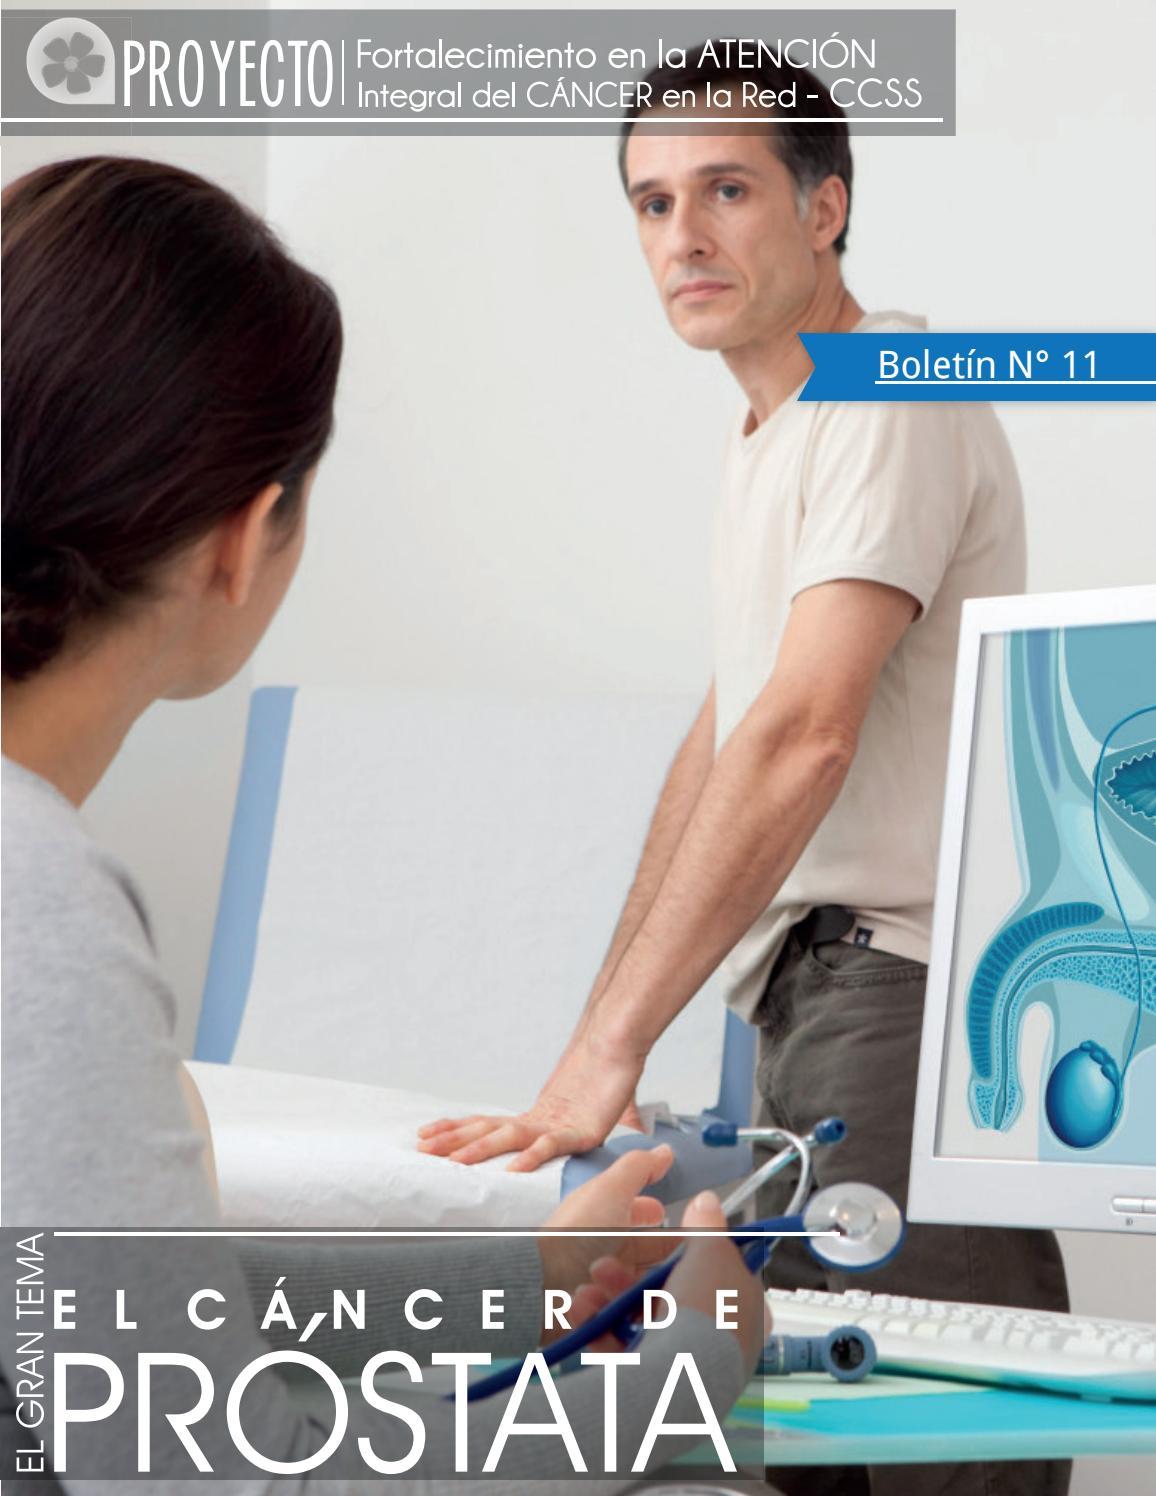 adenoma de próstata mediano con